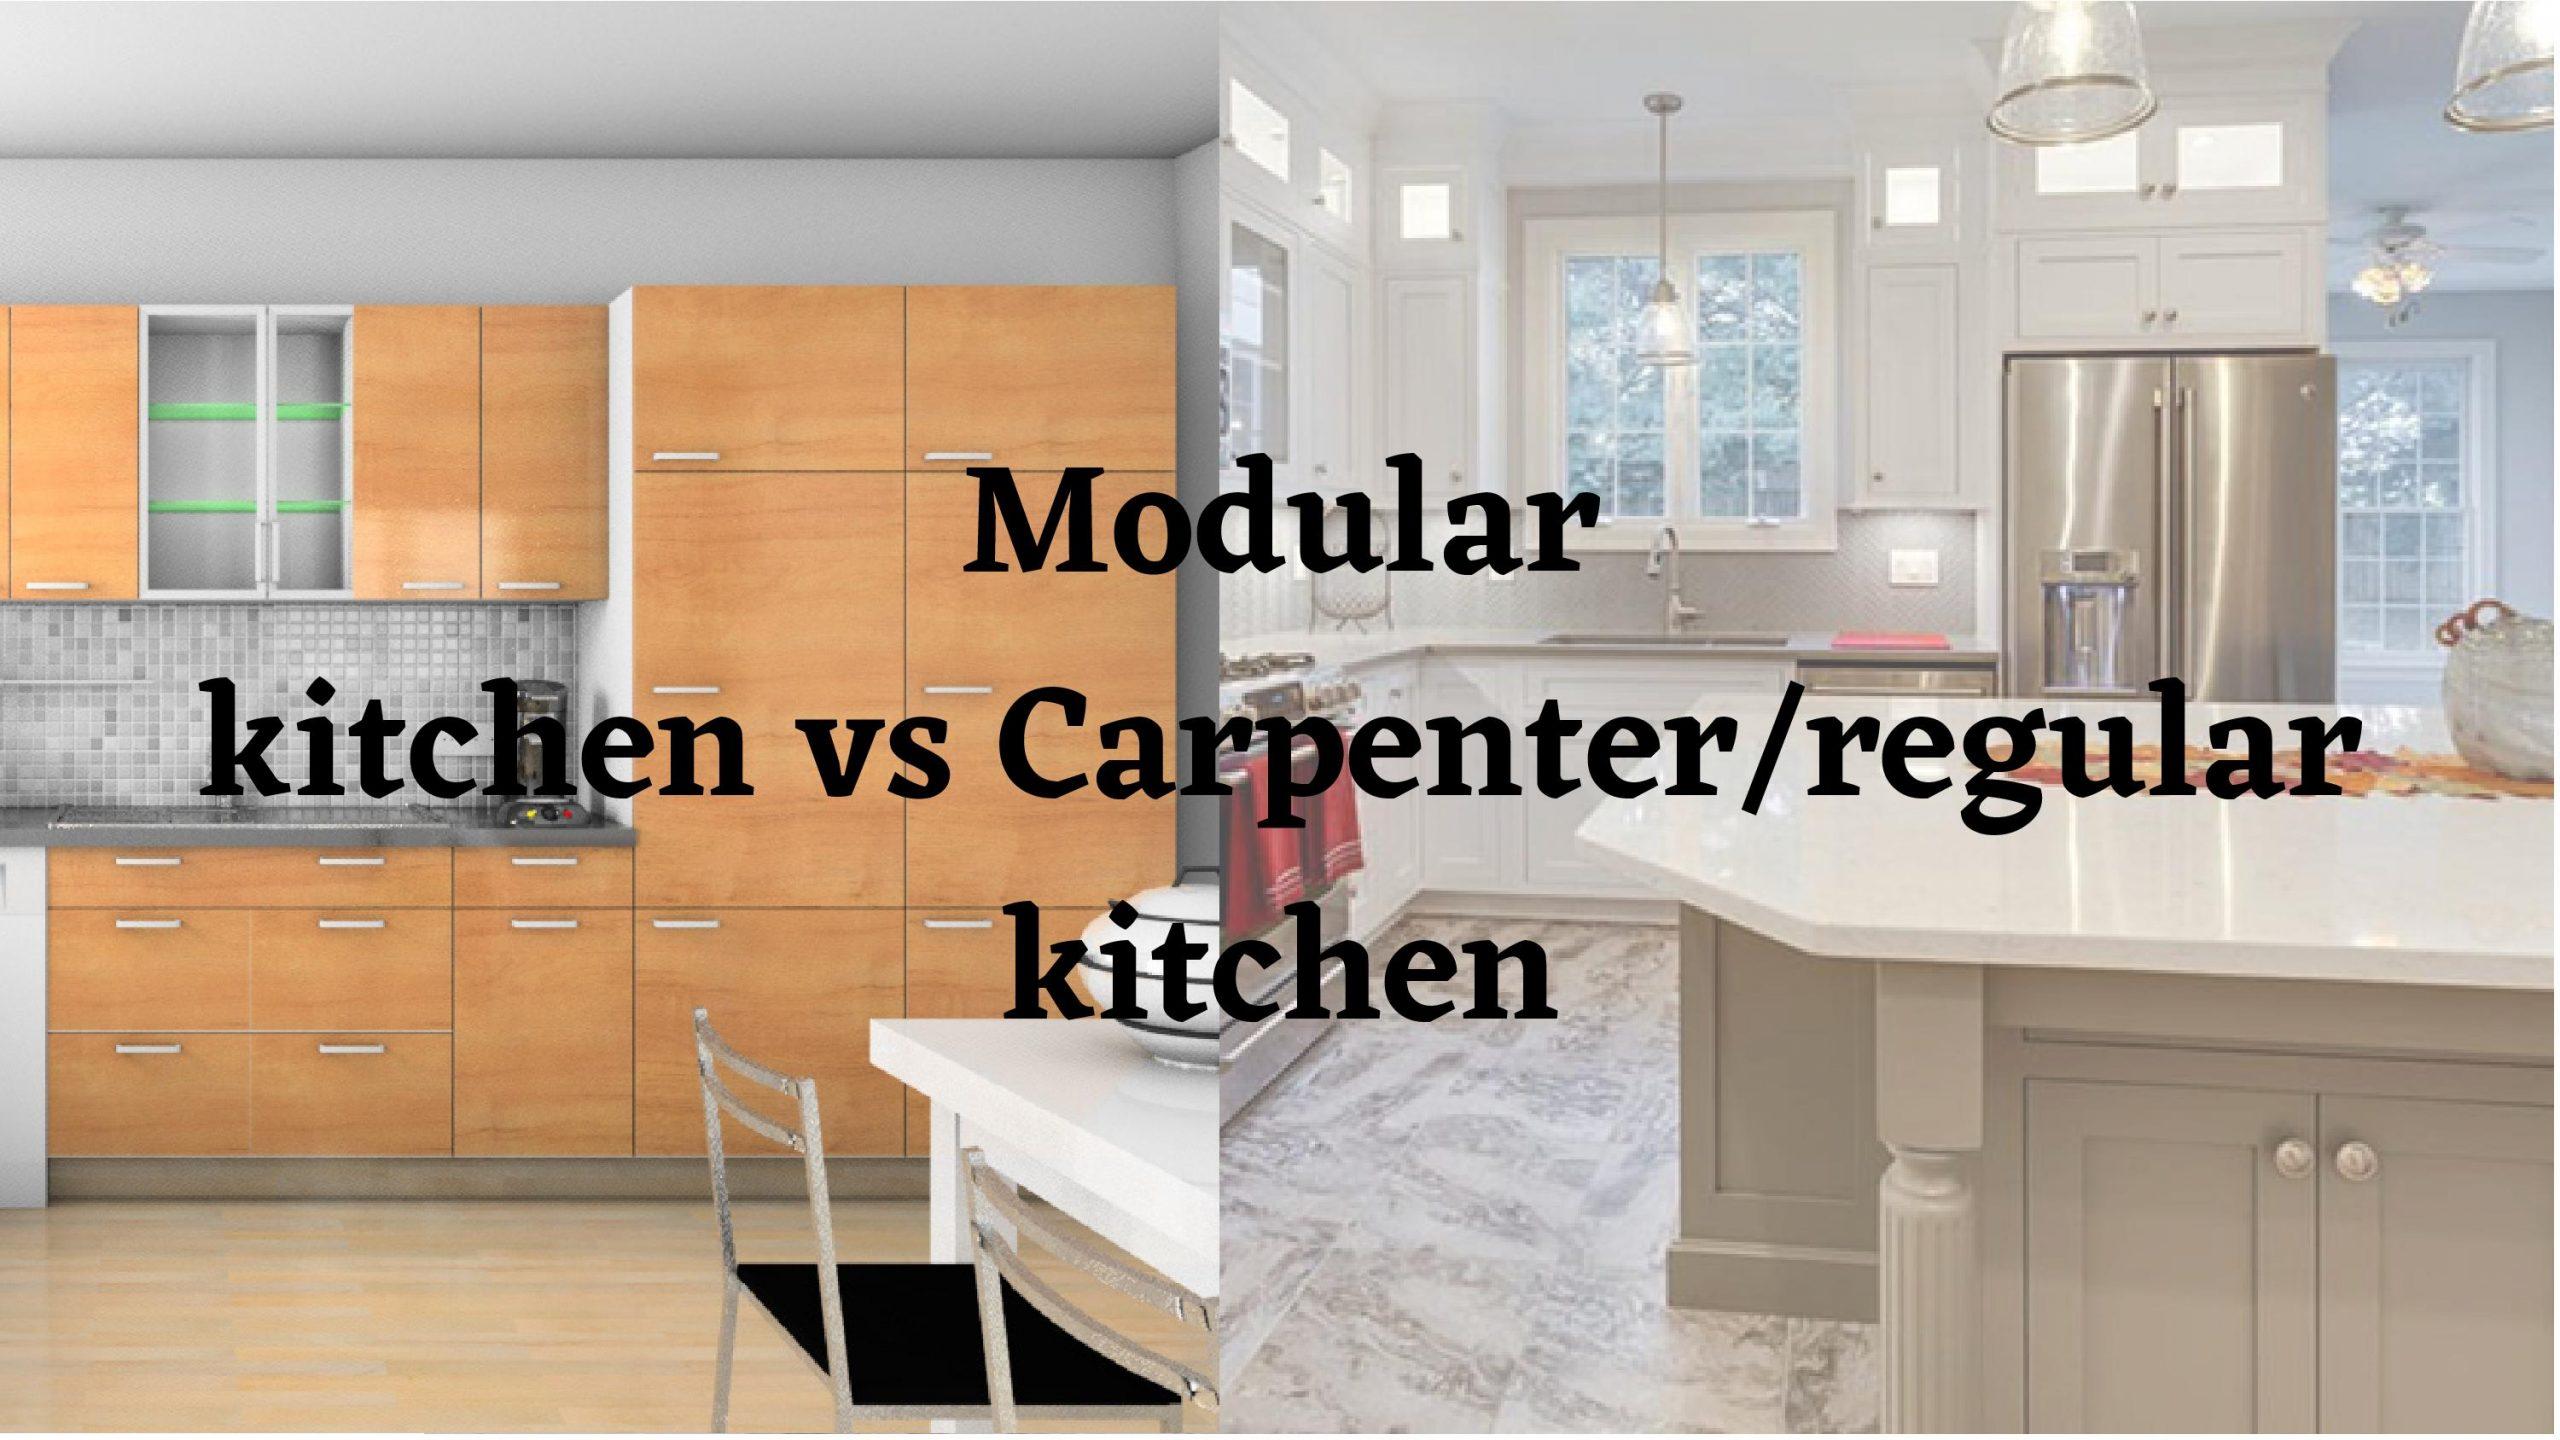 modular kitchen image